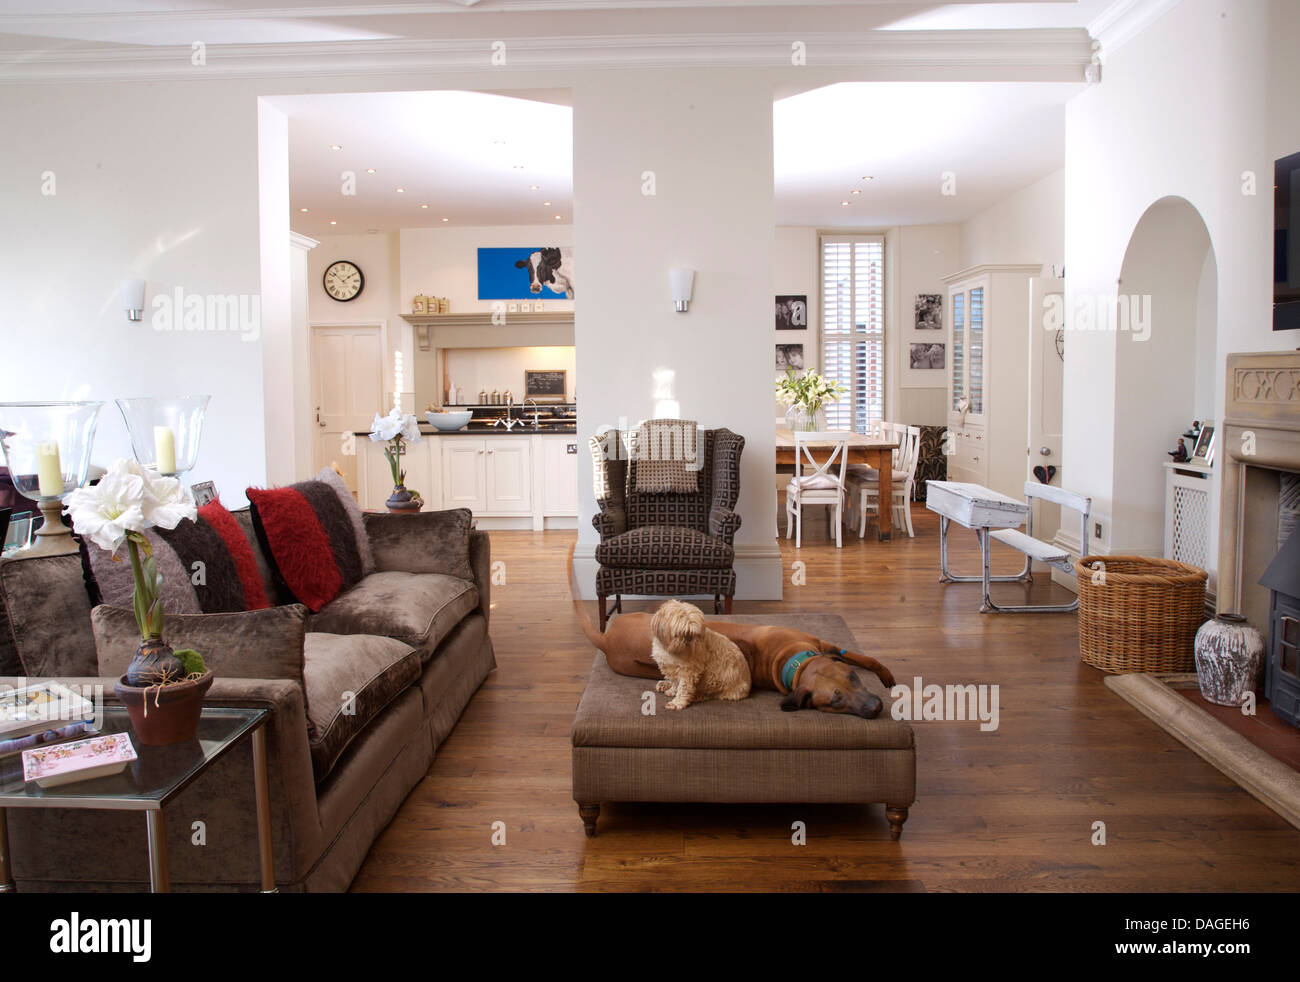 Hunde auf osmanischen vor Beige samt Sofa liegend in großen offenen ...